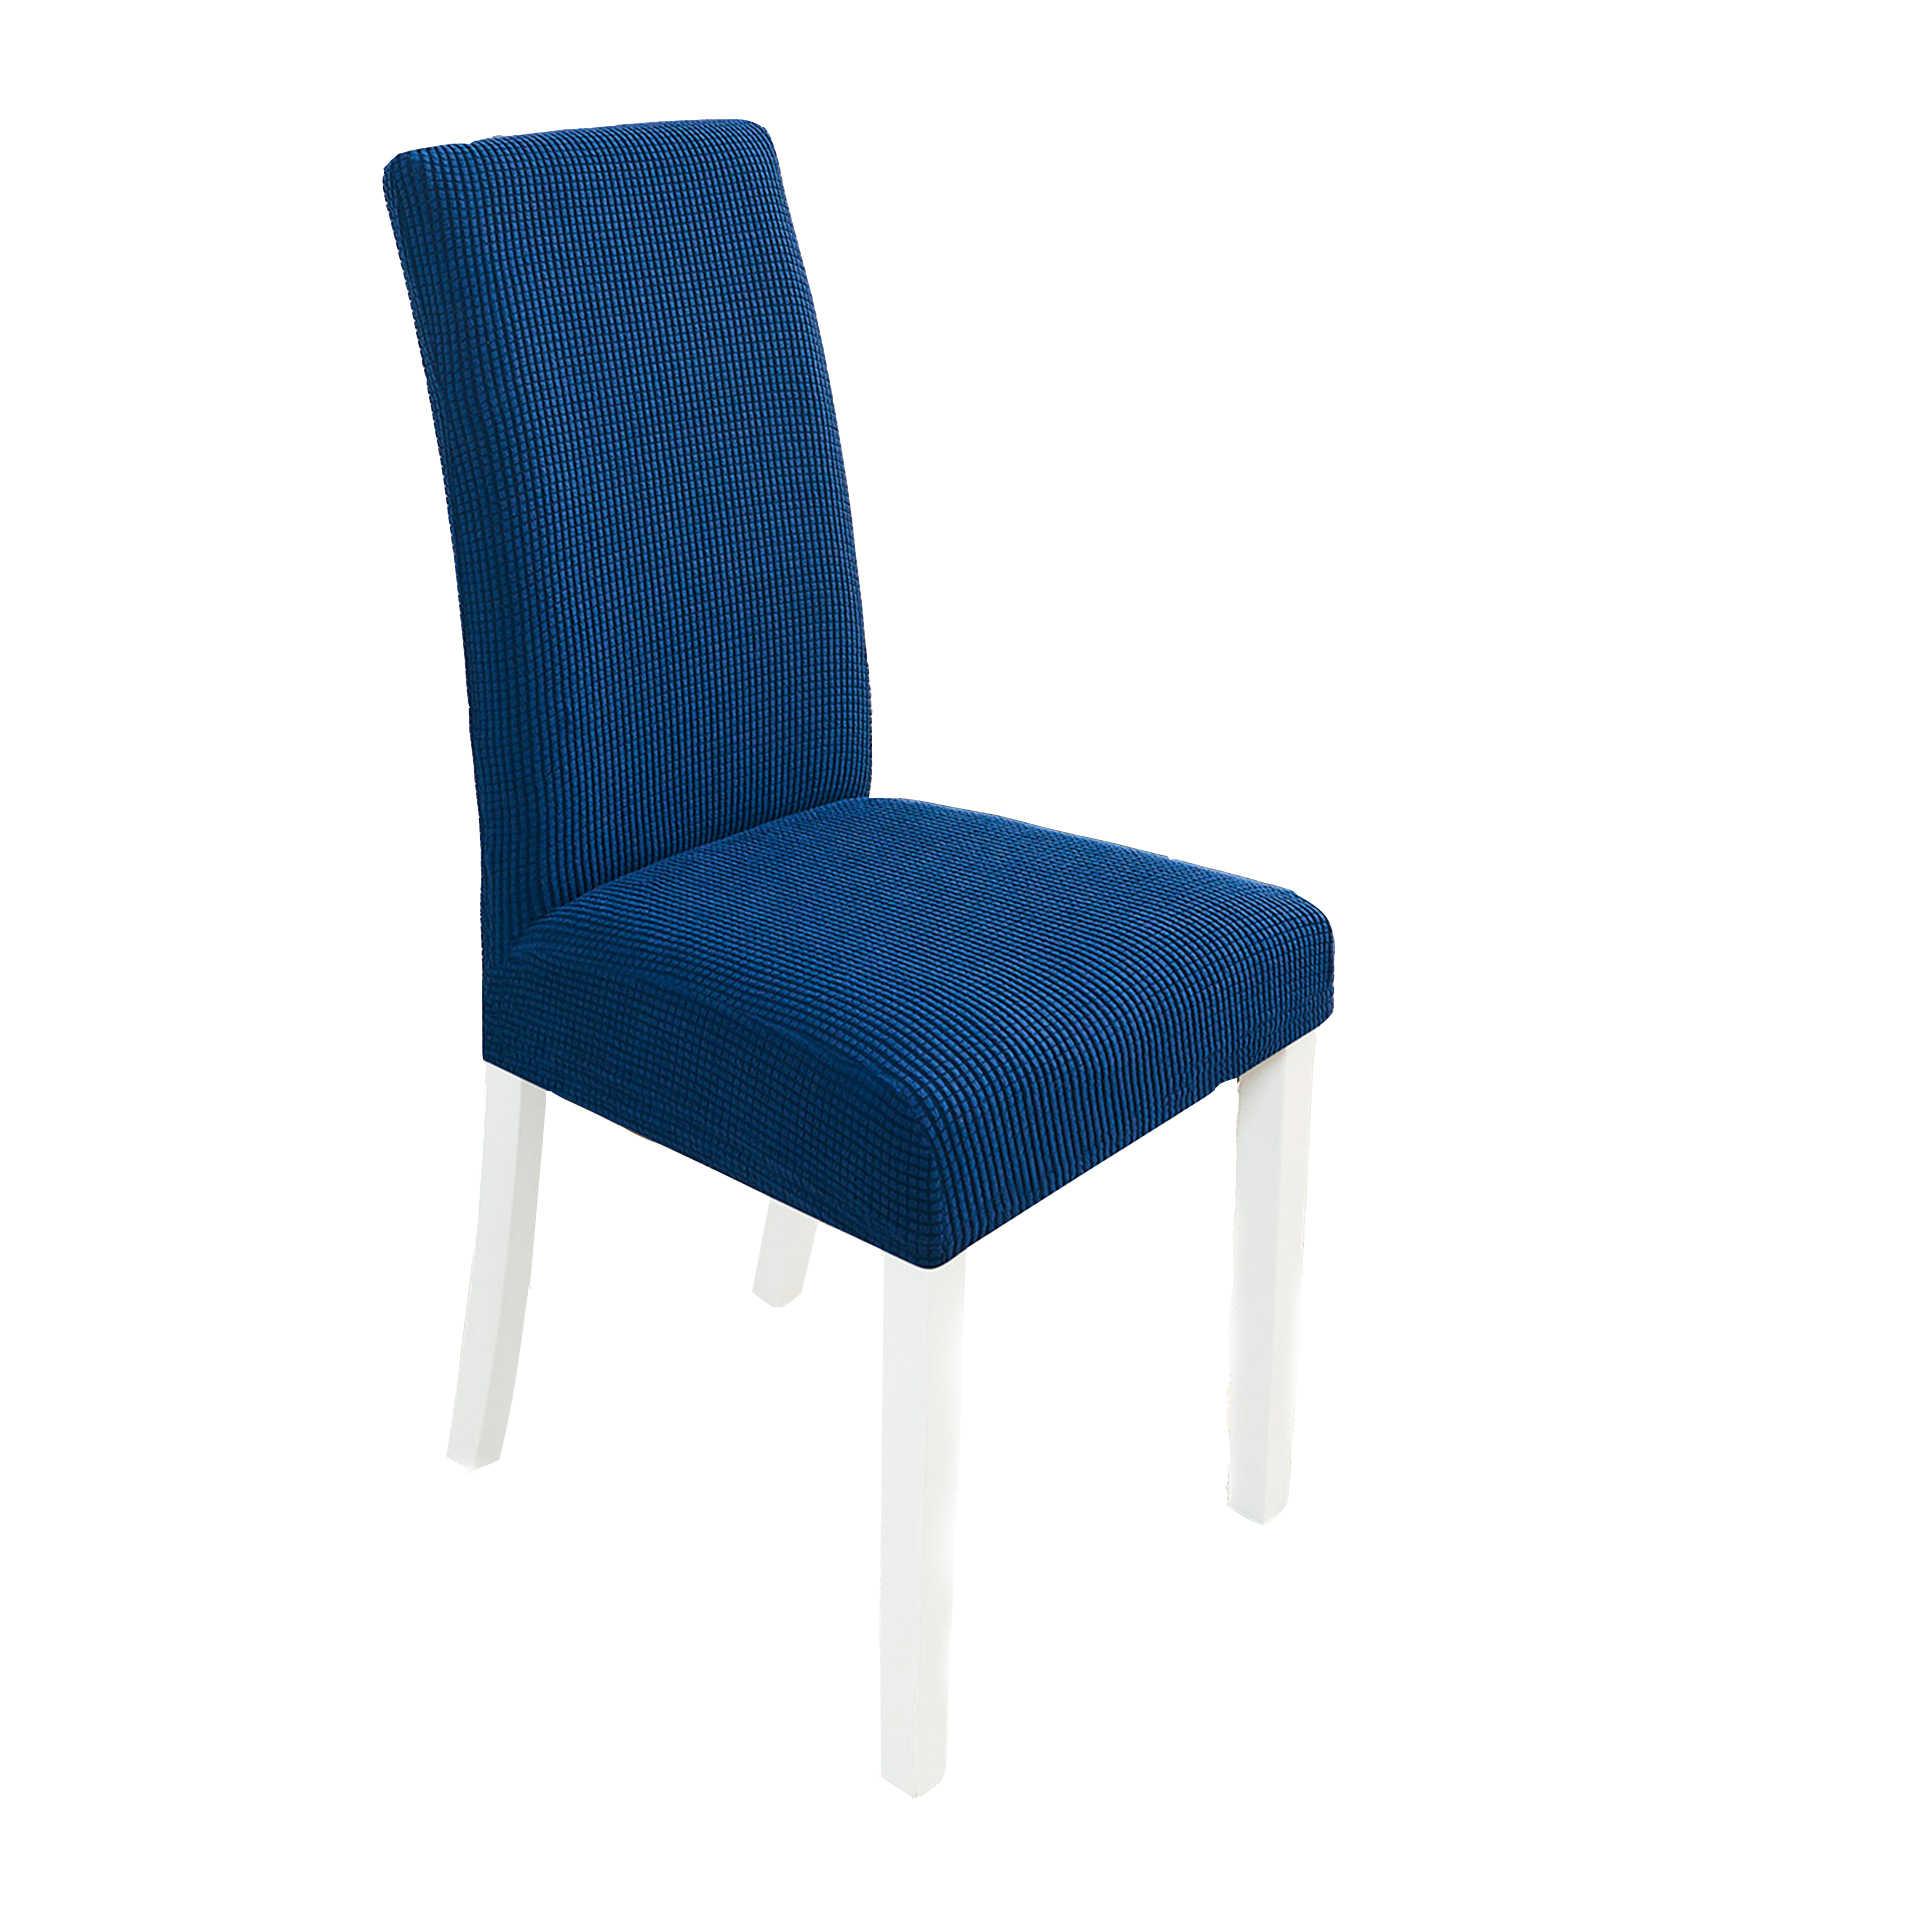 Chair Cover Housse De Chaise Fundas Para Sillas Chair Covers Dining Fundas  Sillas Comedor Moderno Capa De Cadeira Chair Case